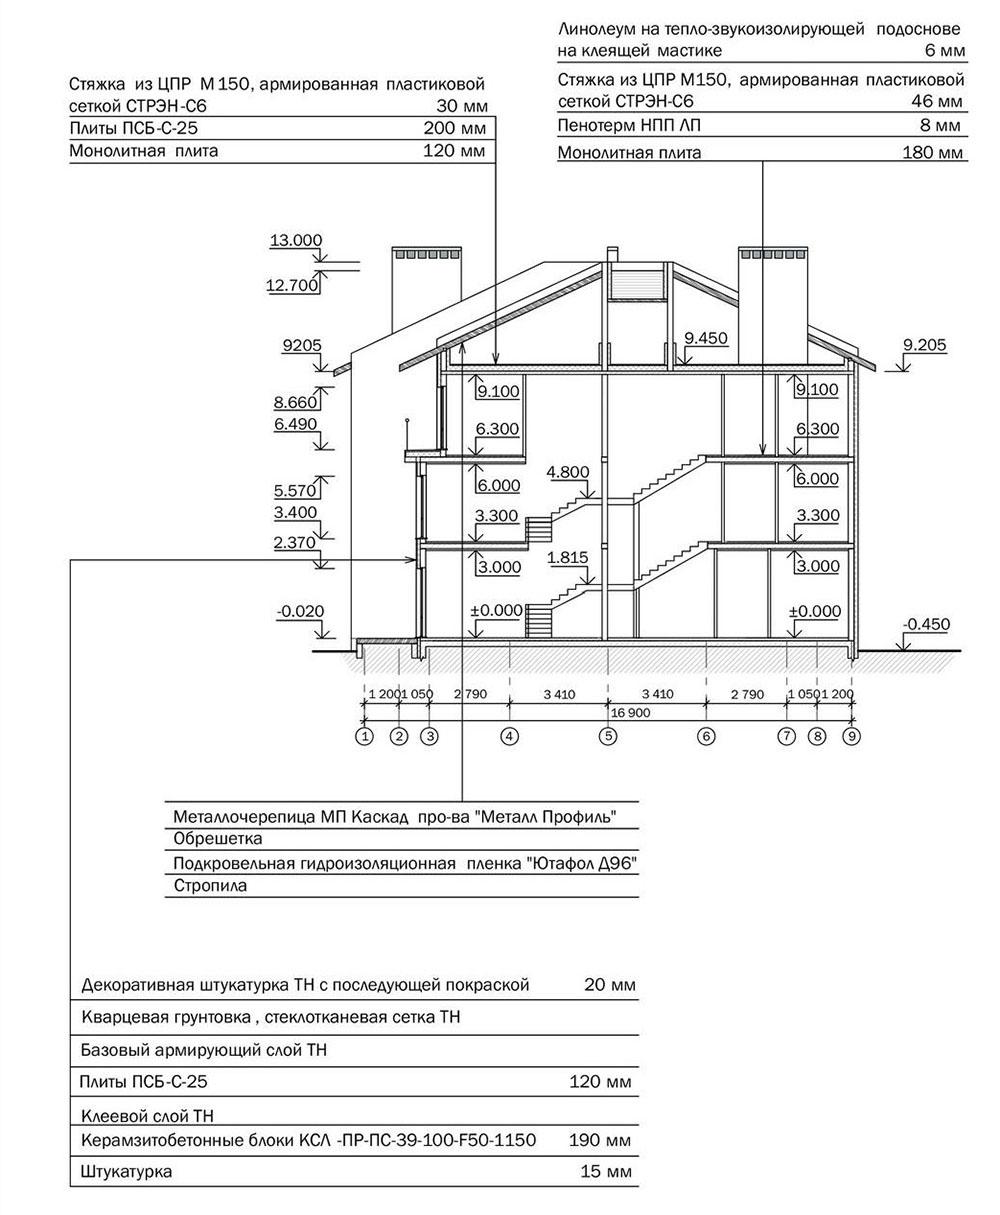 Проект трехэтажного жилого дома блокированной застройки.  Разрез